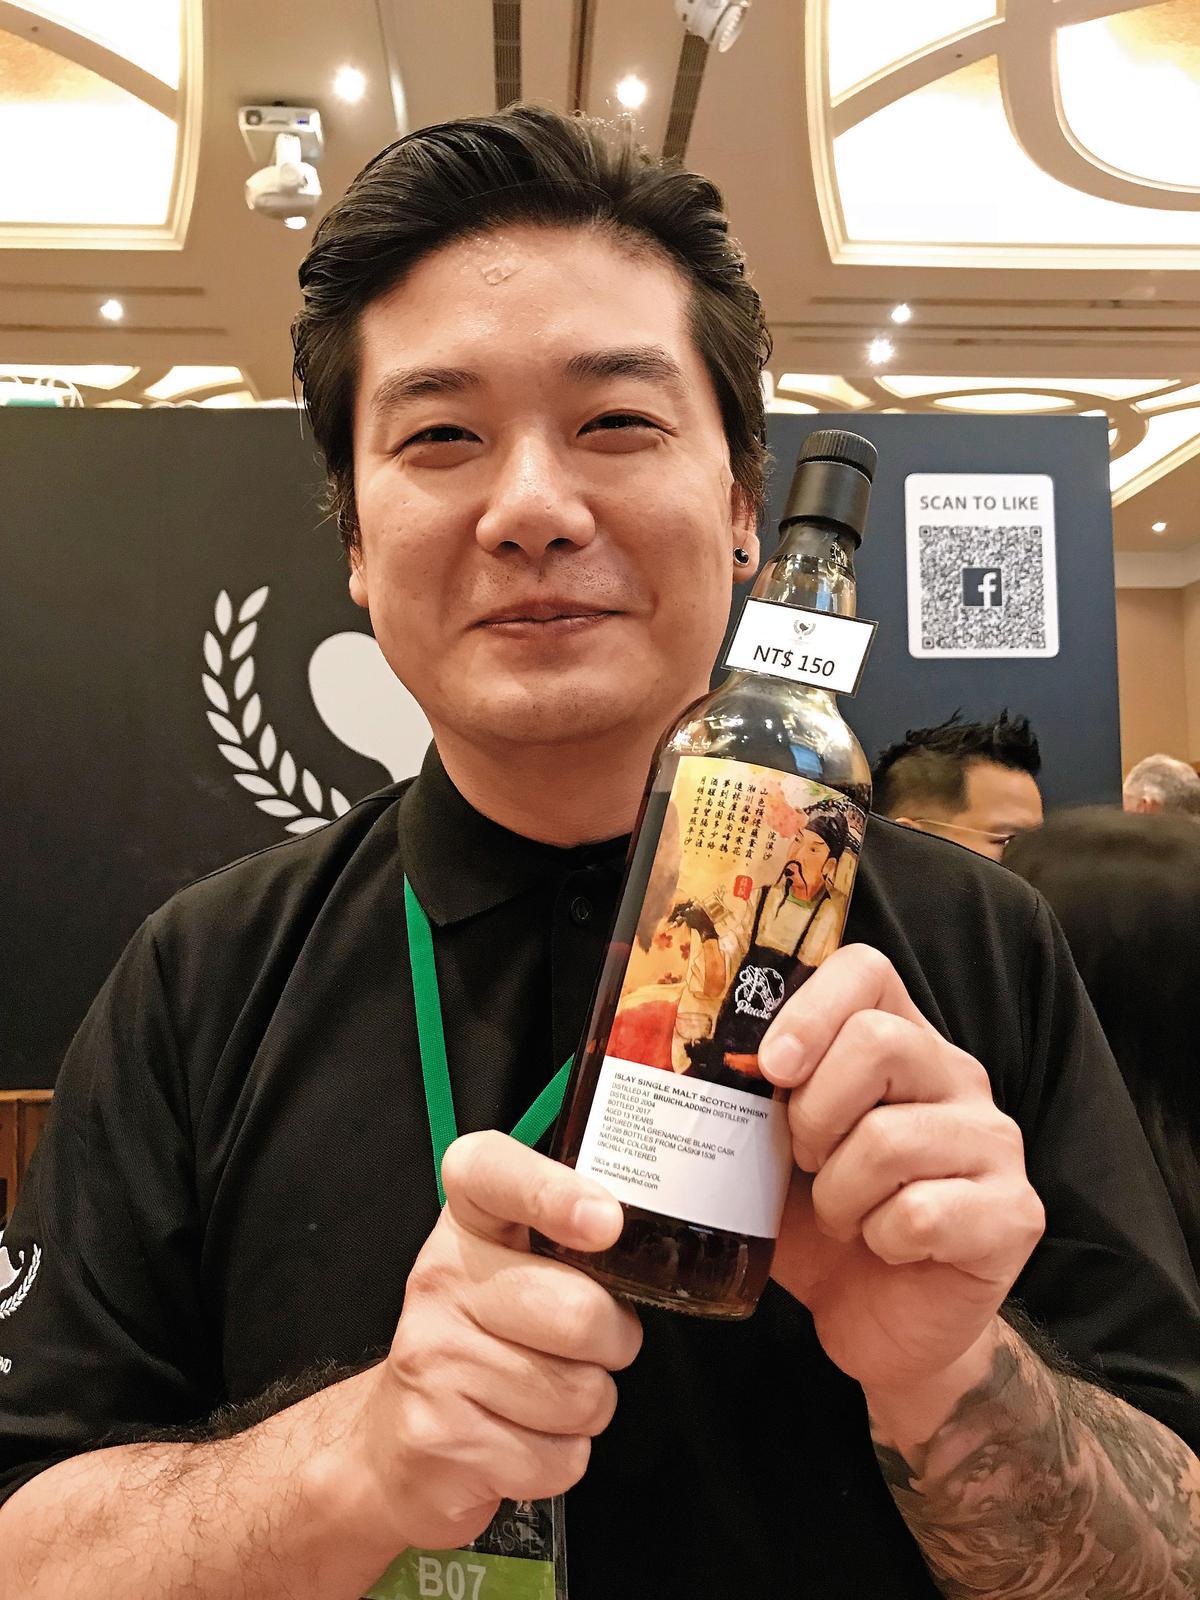 【杜甫裝瓶】經營安慰劑酒吧的Darren(圖)與安娜奇,也自己包桶推出Whisky Find獨立裝瓶品牌,這款「杜甫」就是艾雷島布納哈本13年的裝瓶。